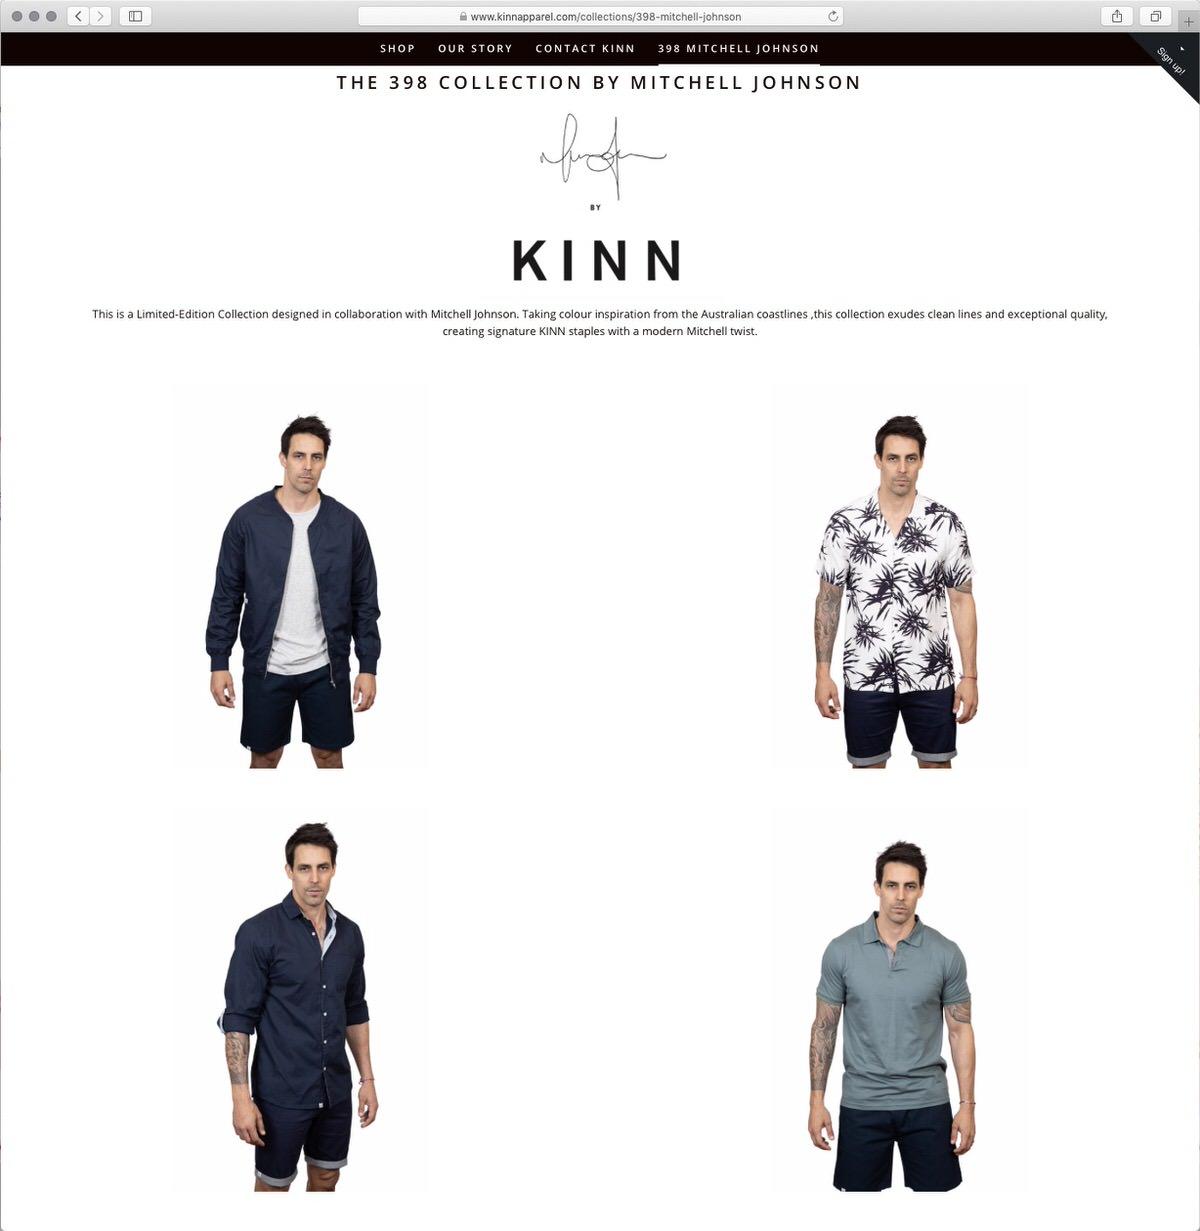 Ryan_Ammon_Creative-Fashion_Photography-Kinn-01.jpg